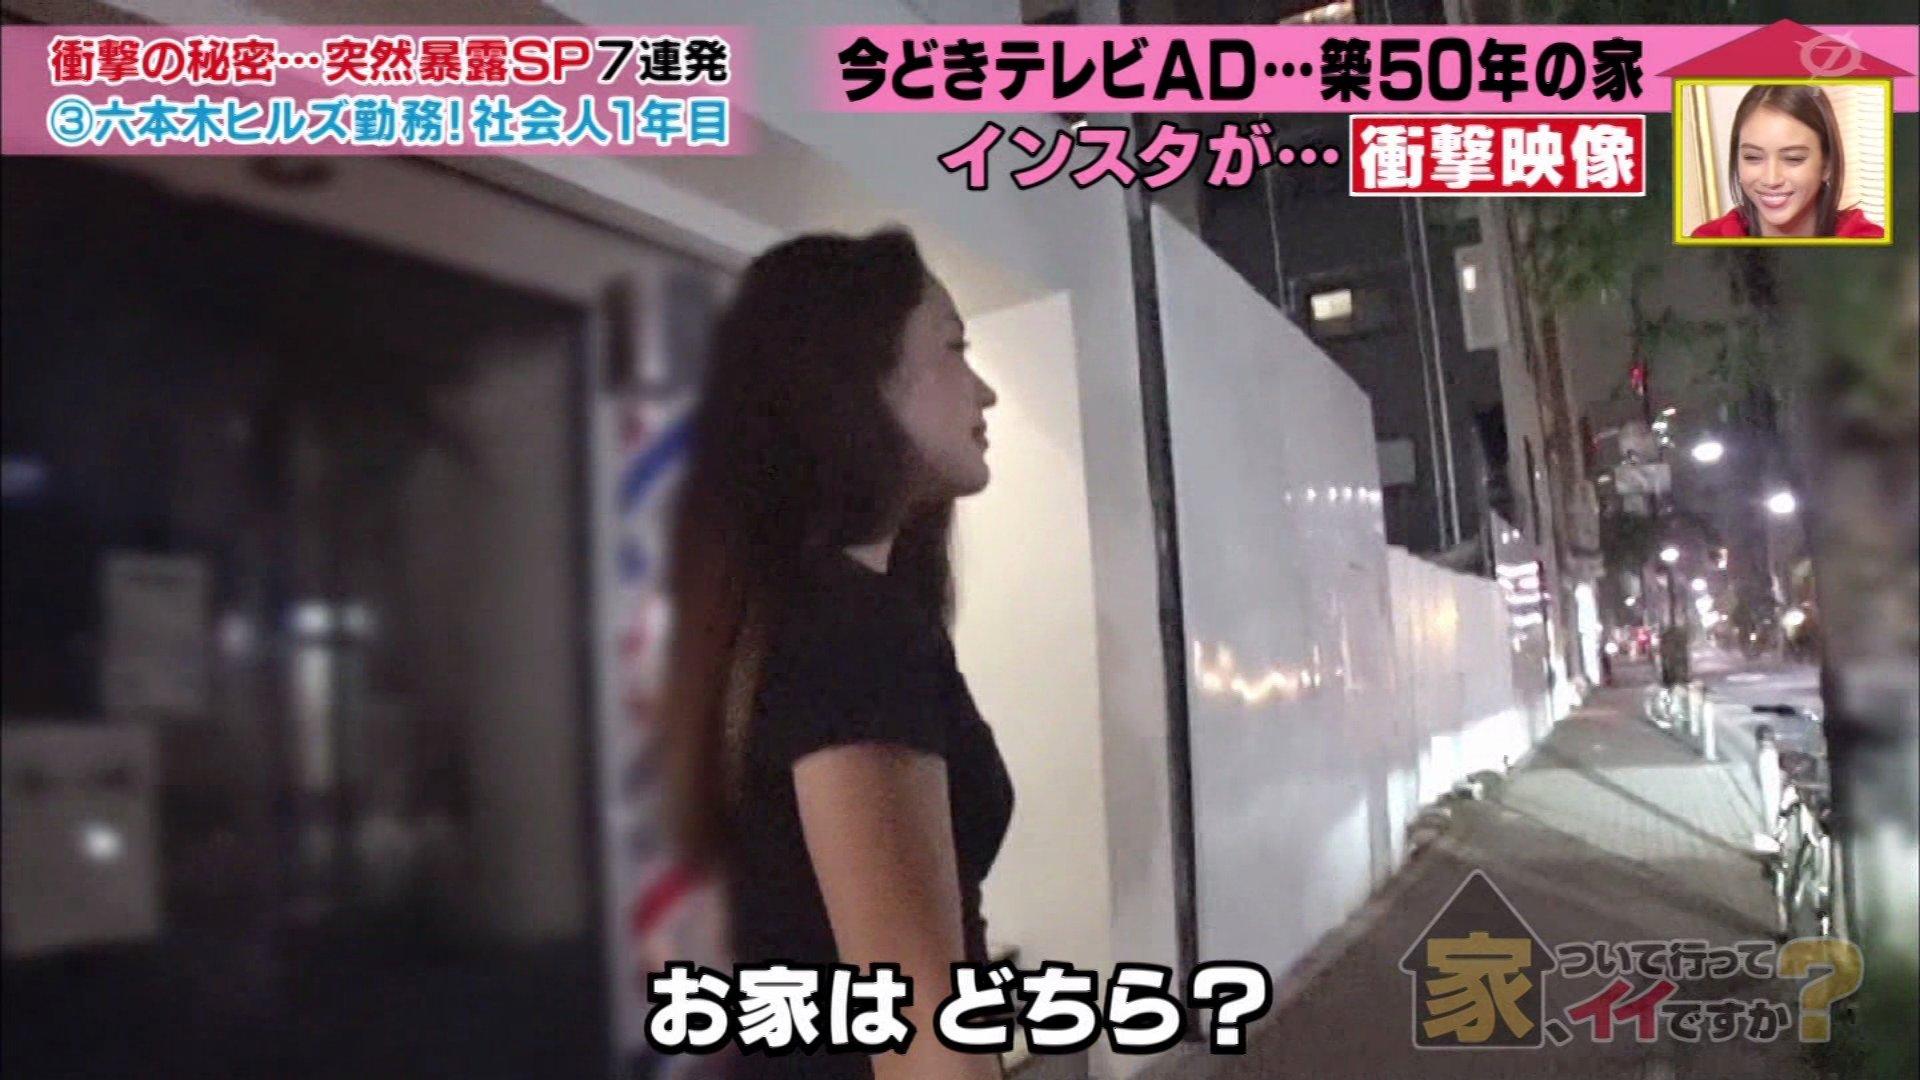 2019年10月9日の「家、ついて行ってイイですか?一見普通そうな人の「衝撃の秘密」2時間SP」に出演した渡辺菜奈さんのテレビキャプチャー画像-031